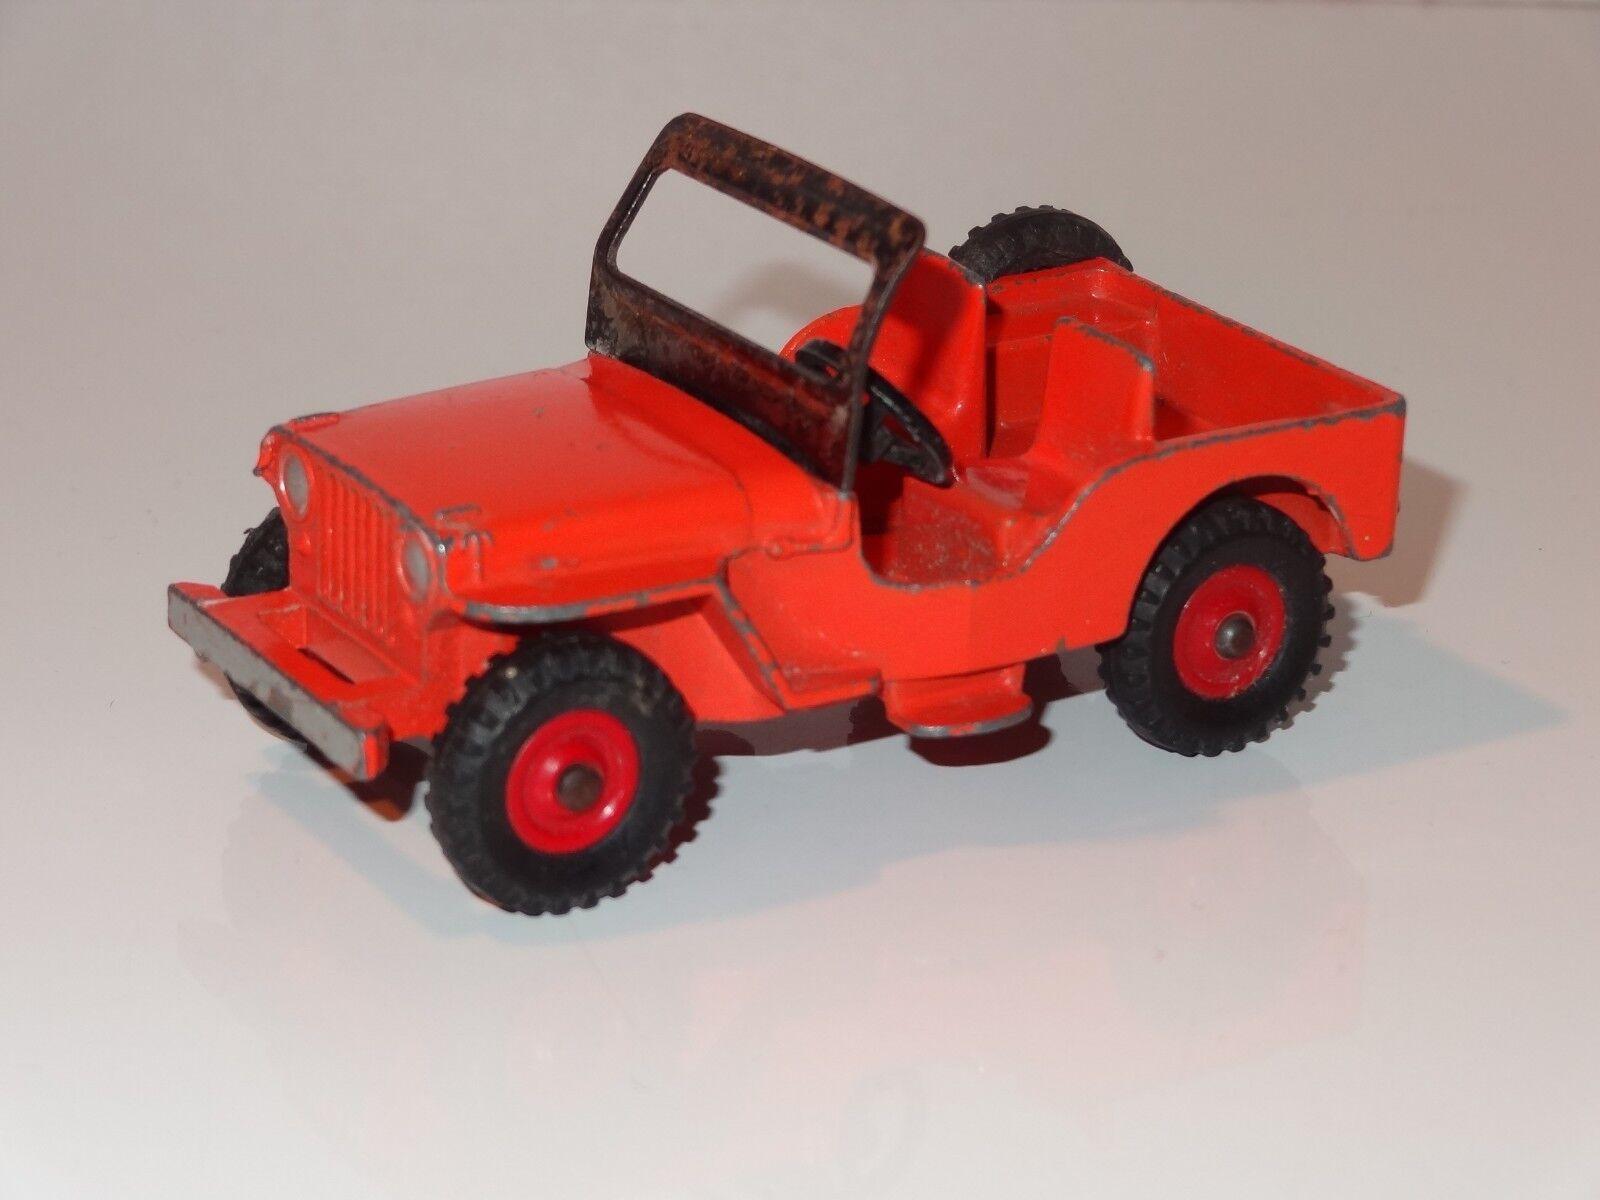 ST  DINKY JEEP UNIVERSALE - 405 MOLTO RARA Arancione & Rosso mozzi in plastica